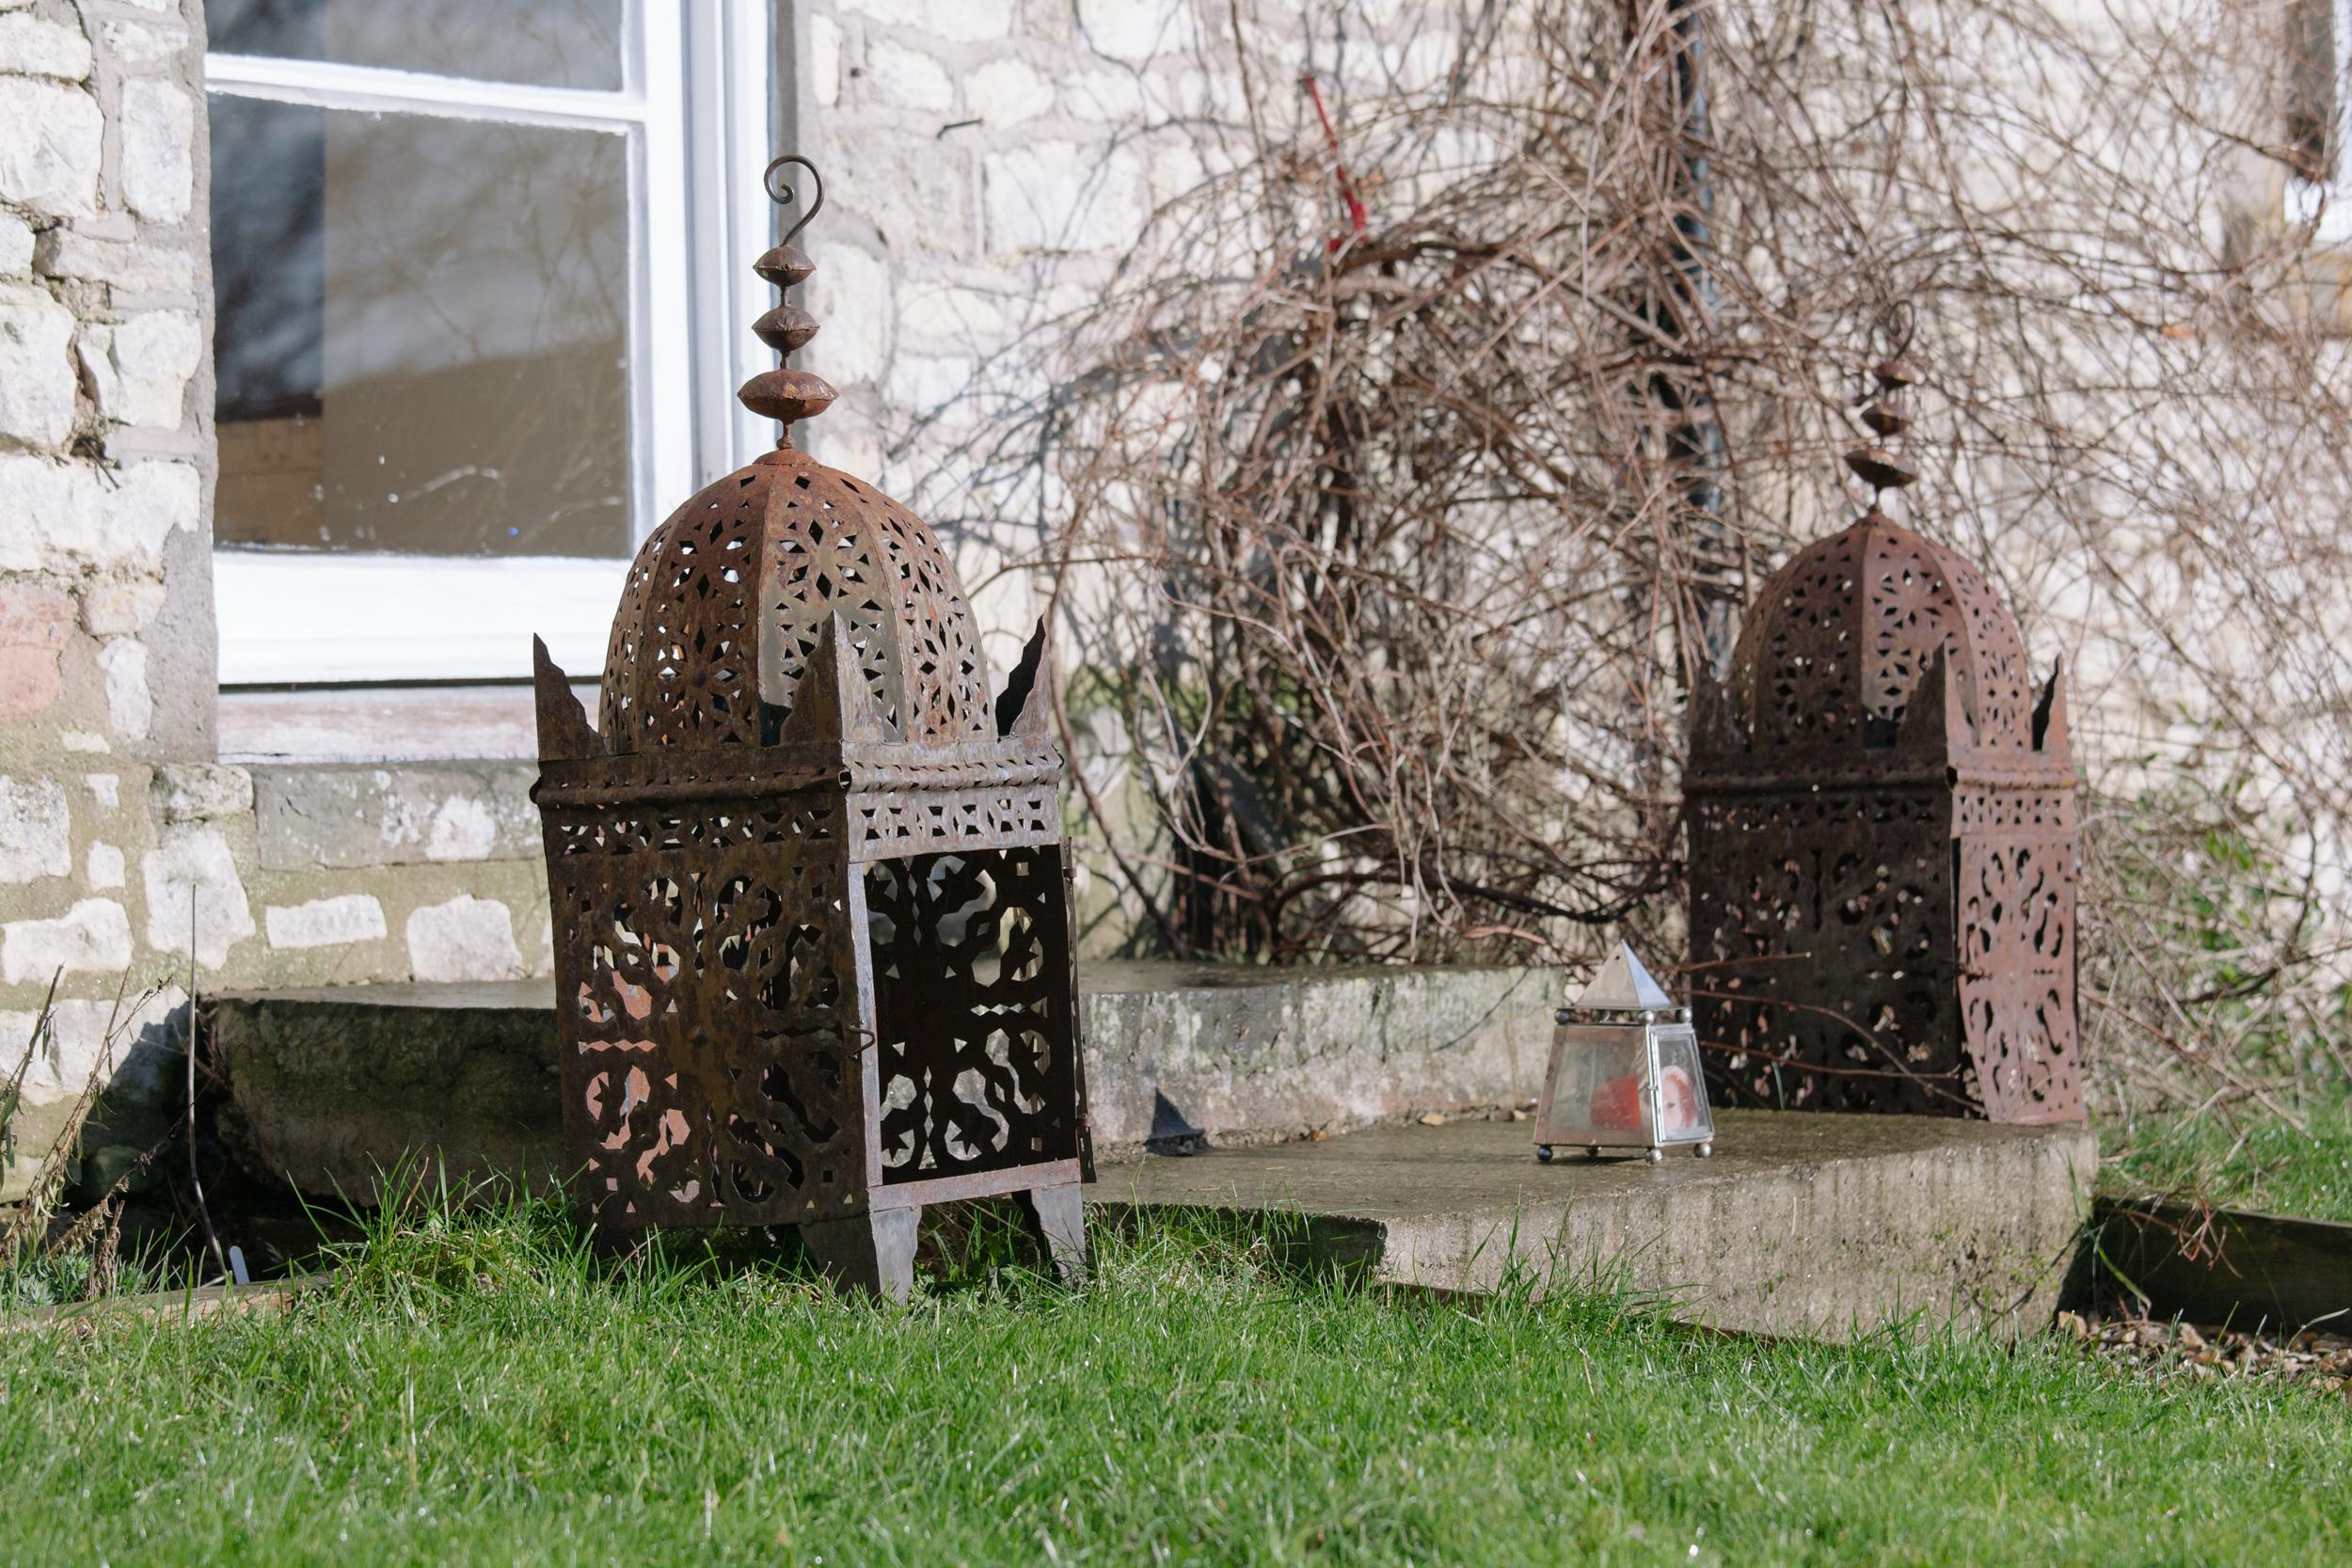 Pennleigh_Welton Manor Farm-4.jpg